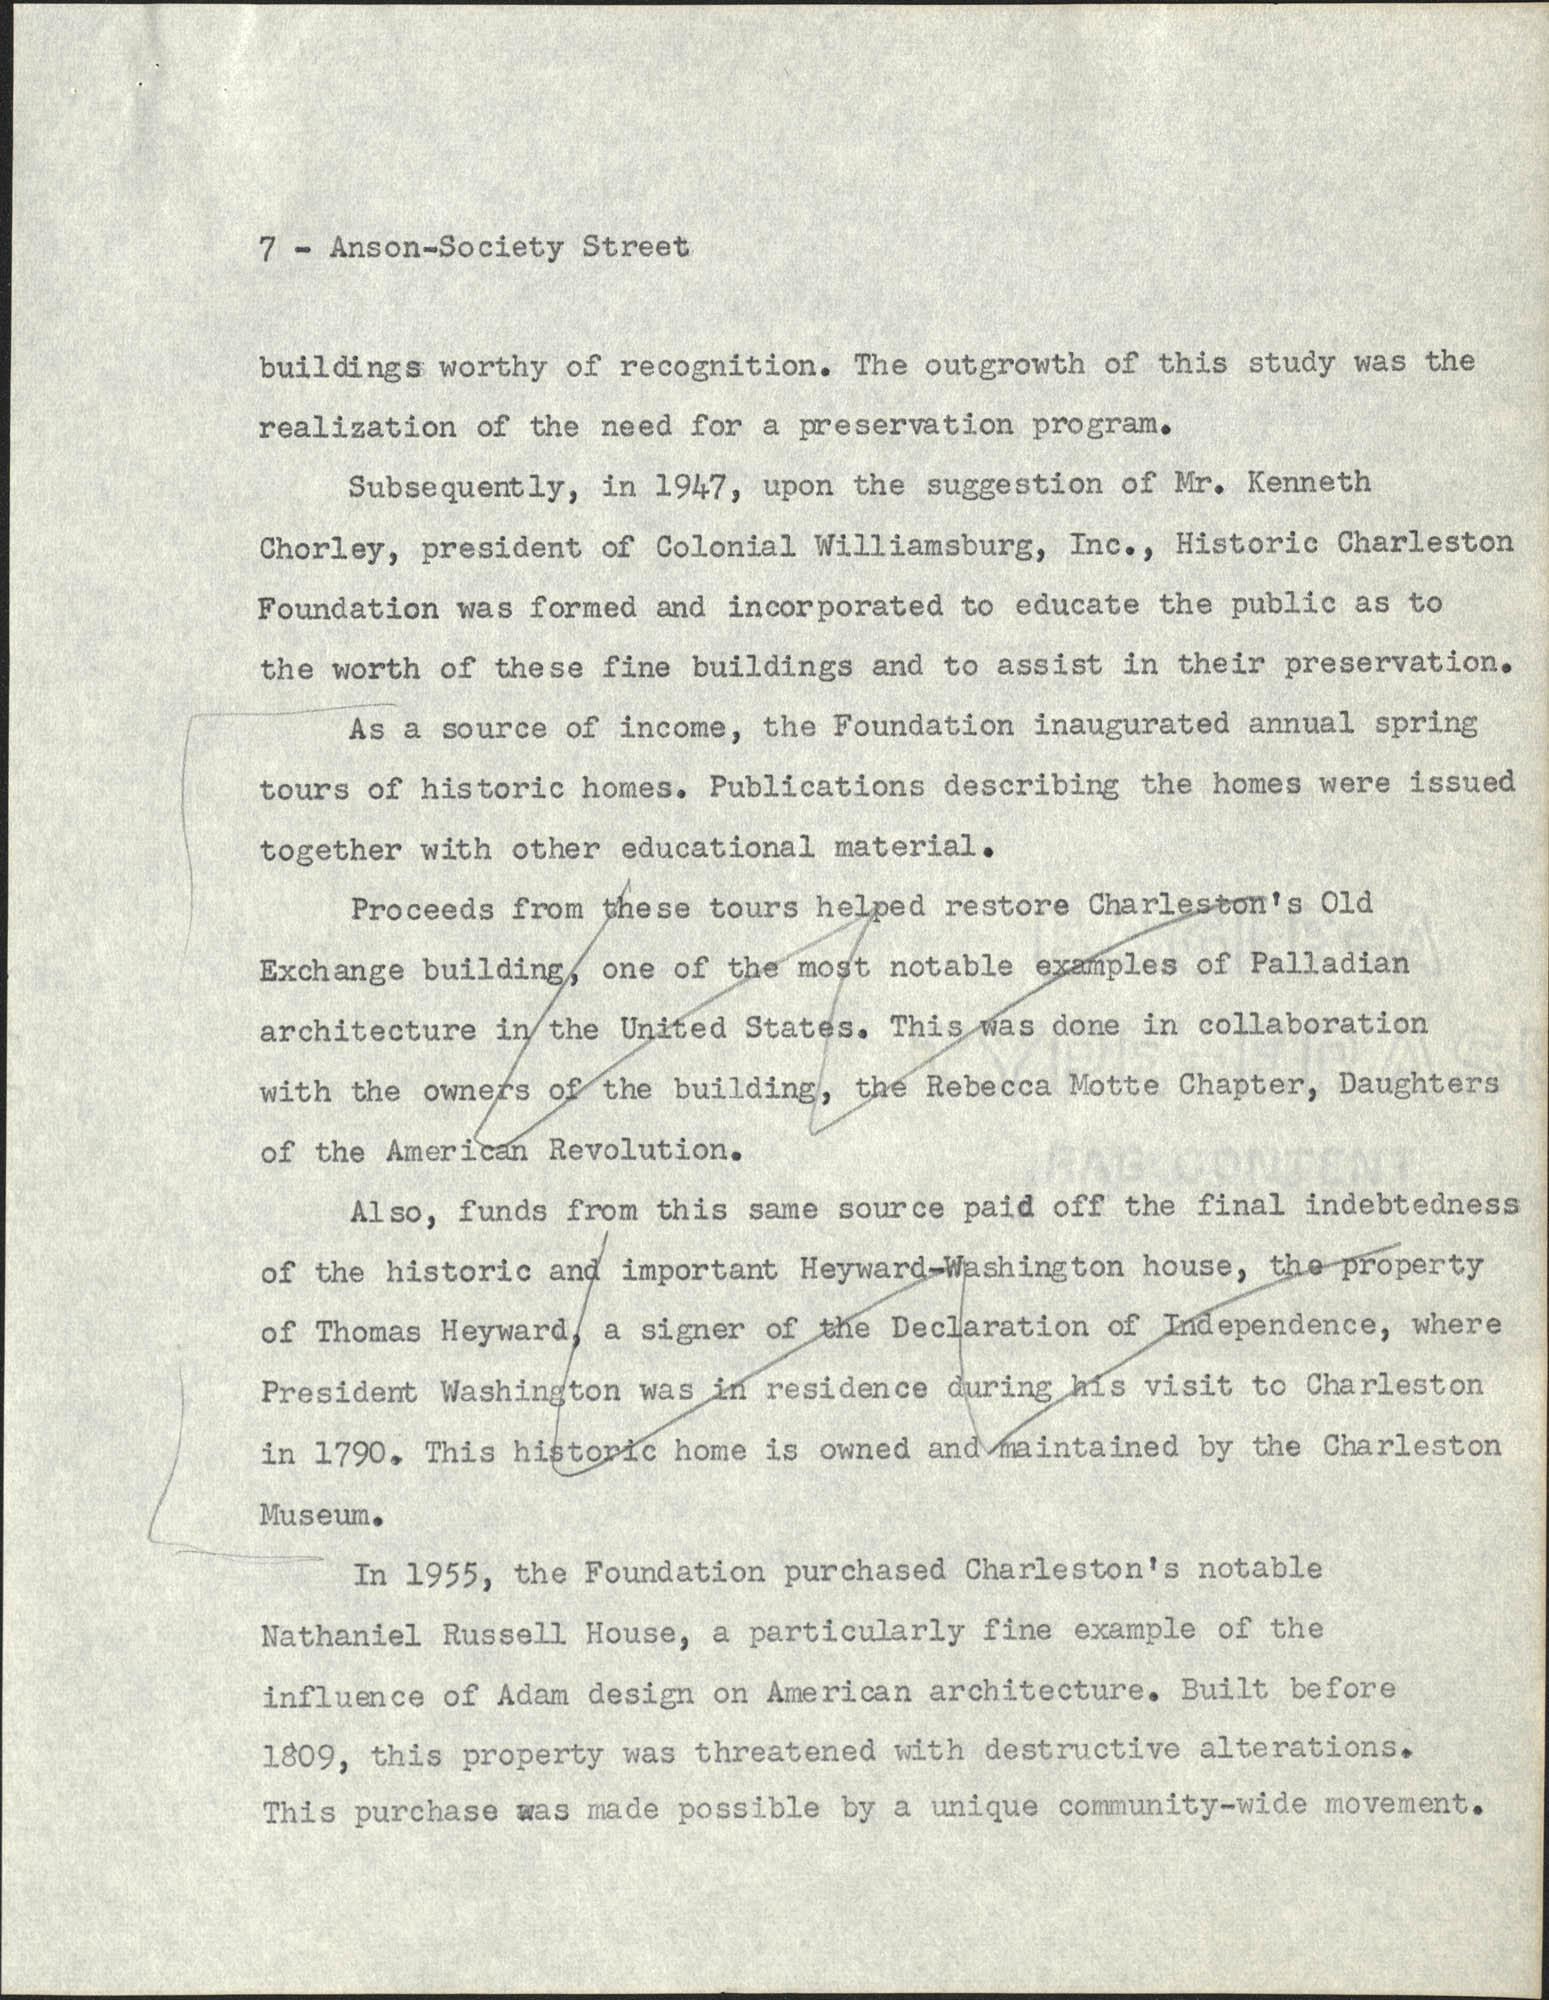 Anson-Society Street Rehabilitation, Page 7